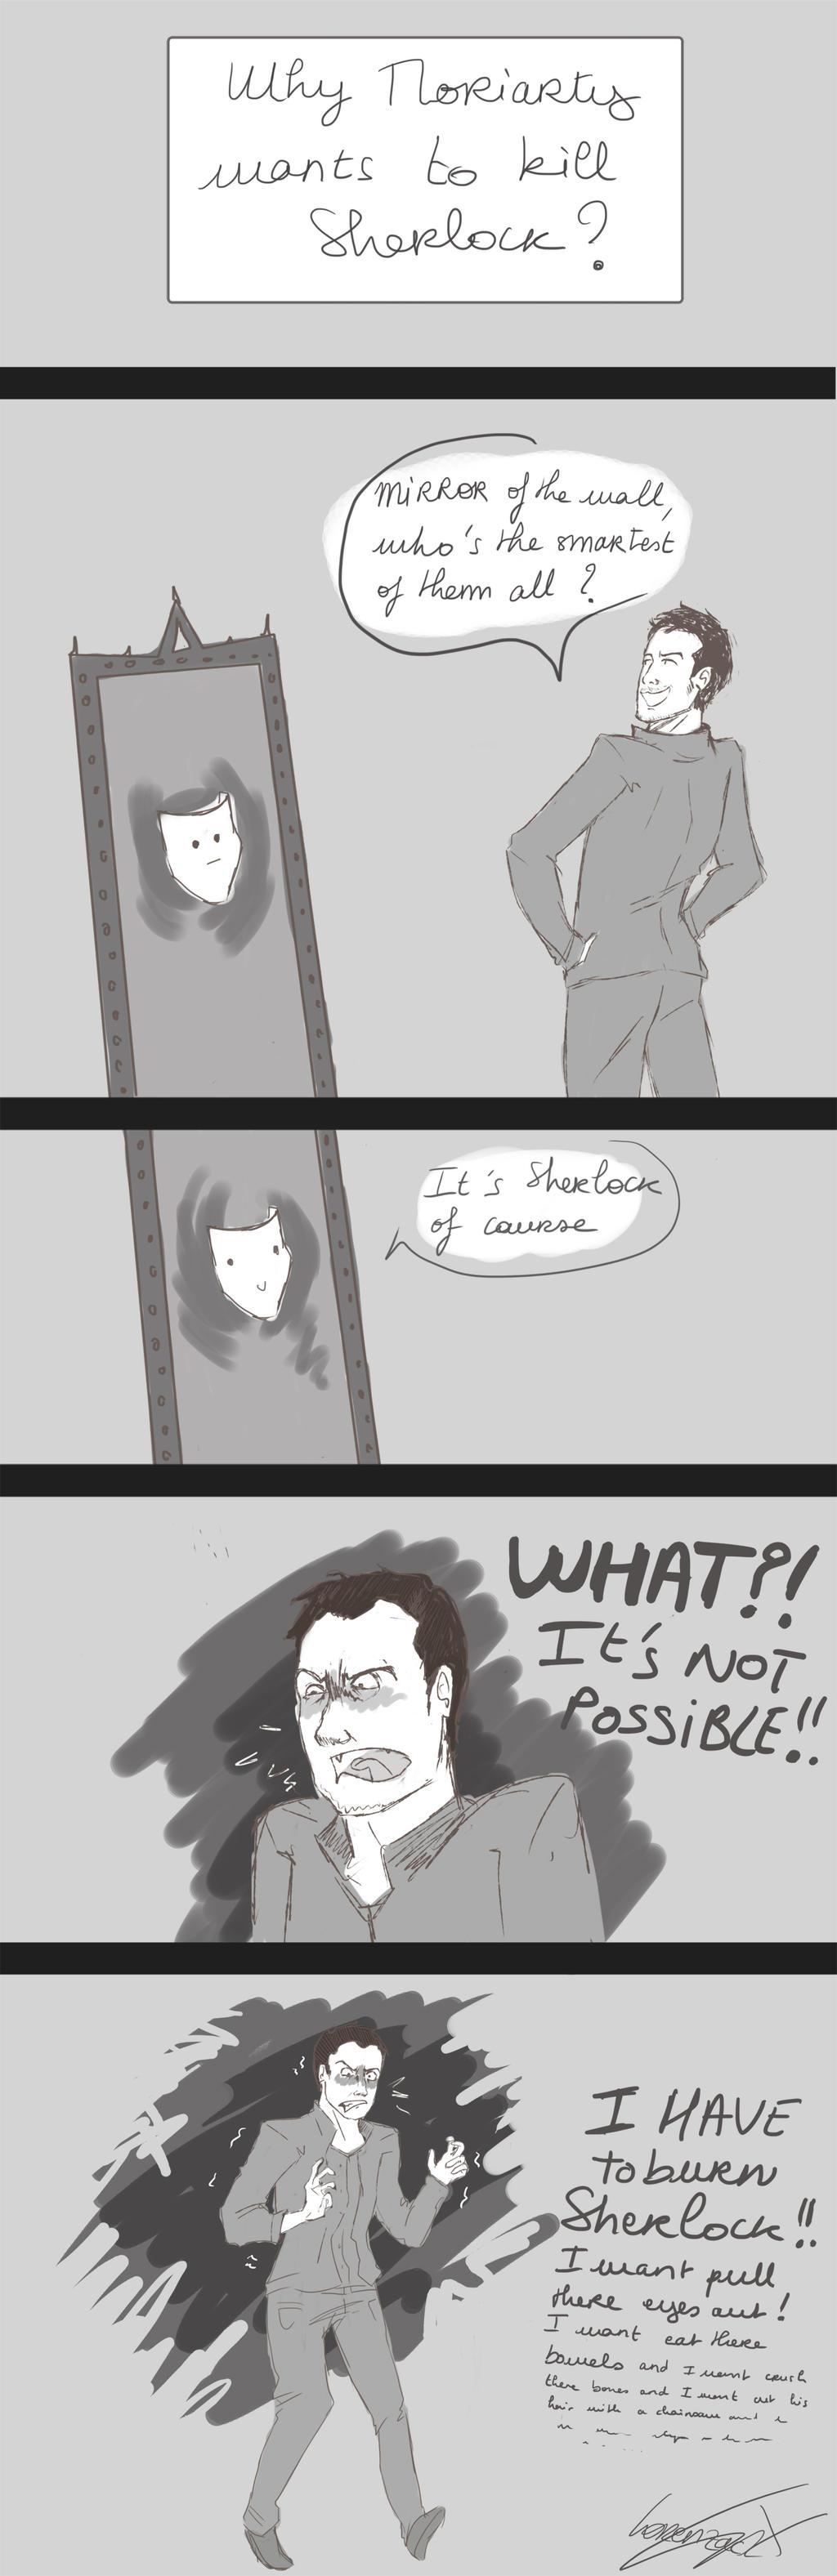 Why Moriarty Wants To Kill Sherlock?